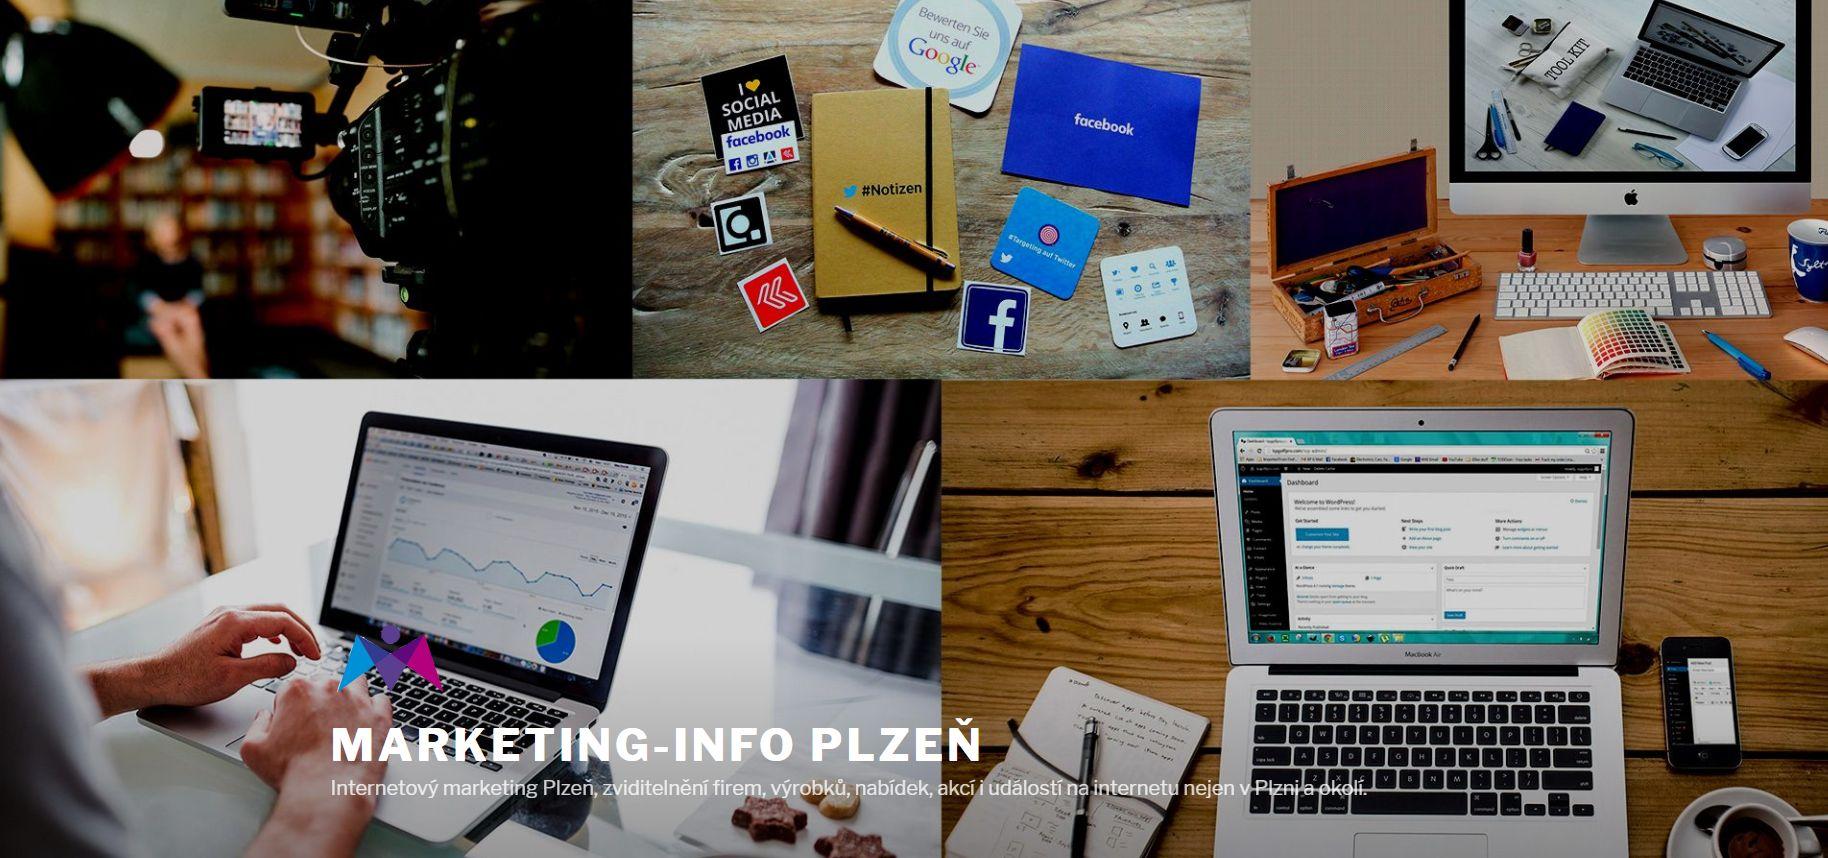 Internetový marketing Plzeň, zviditelnění firem, výrobků, nabídek, akcí i událostí na internetu nejen v Plzni a okolí